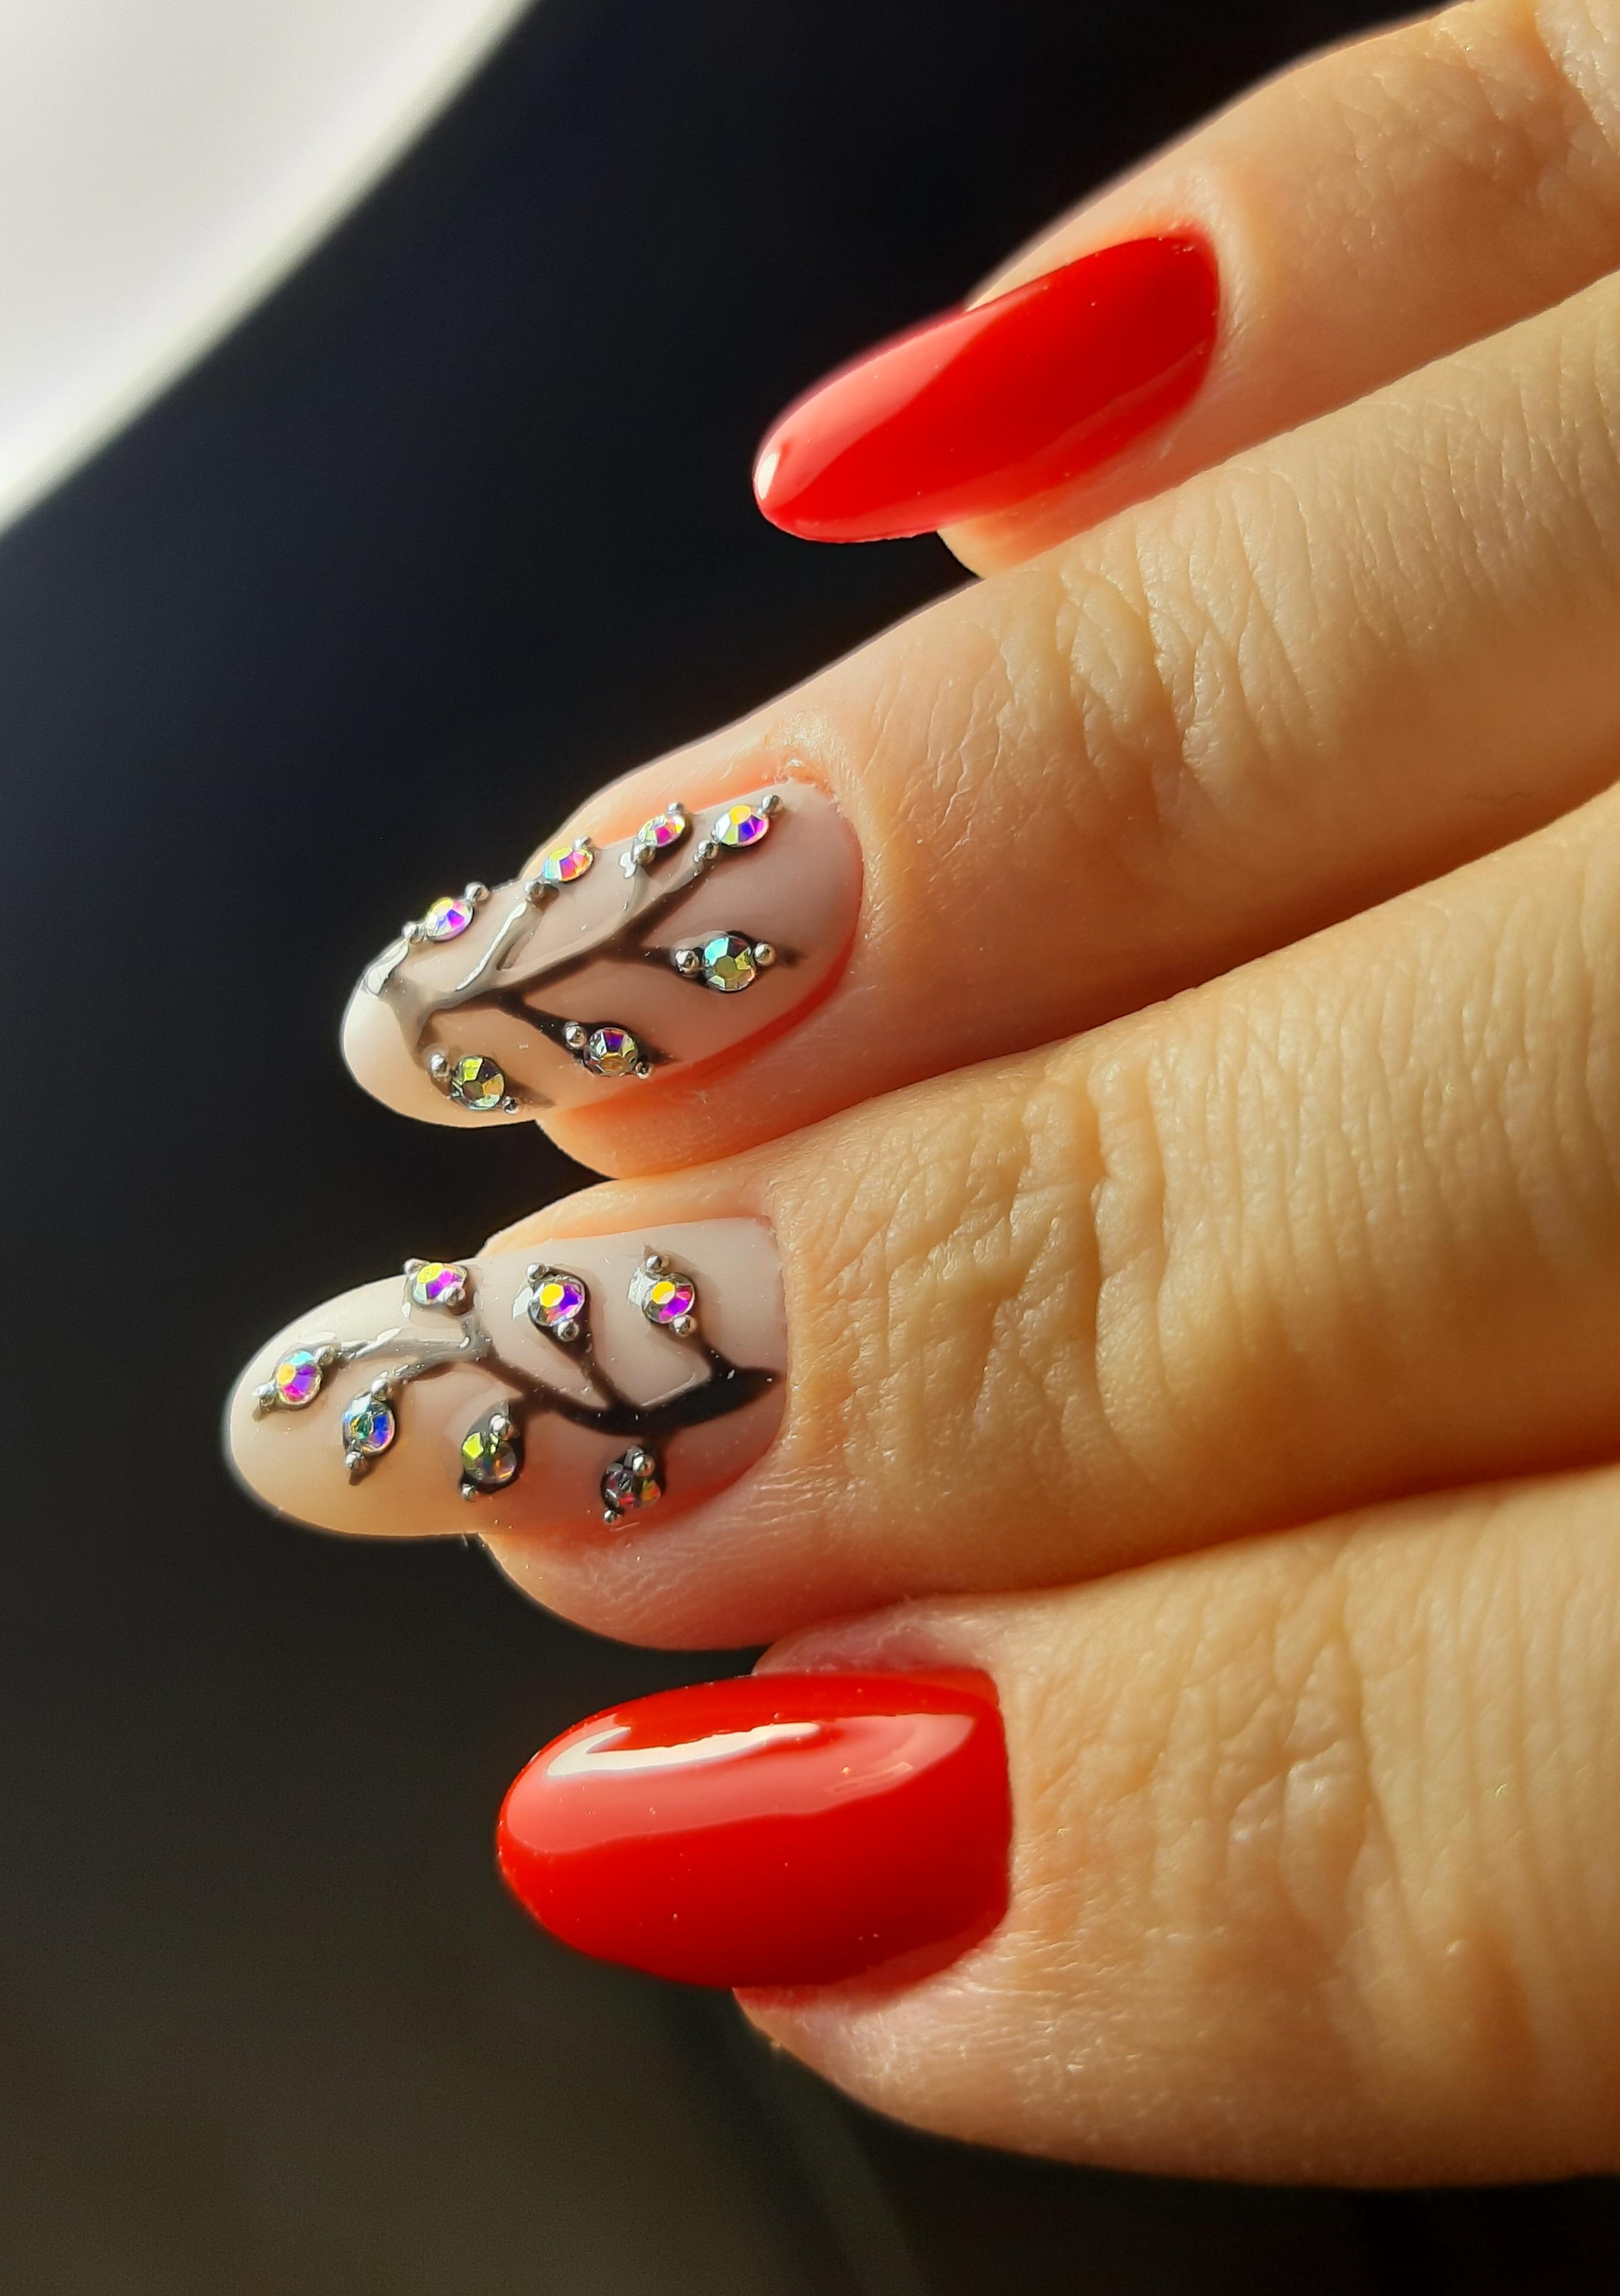 Маникюр с растительным рисунком и стразами в красном цвете на длинные ногти.